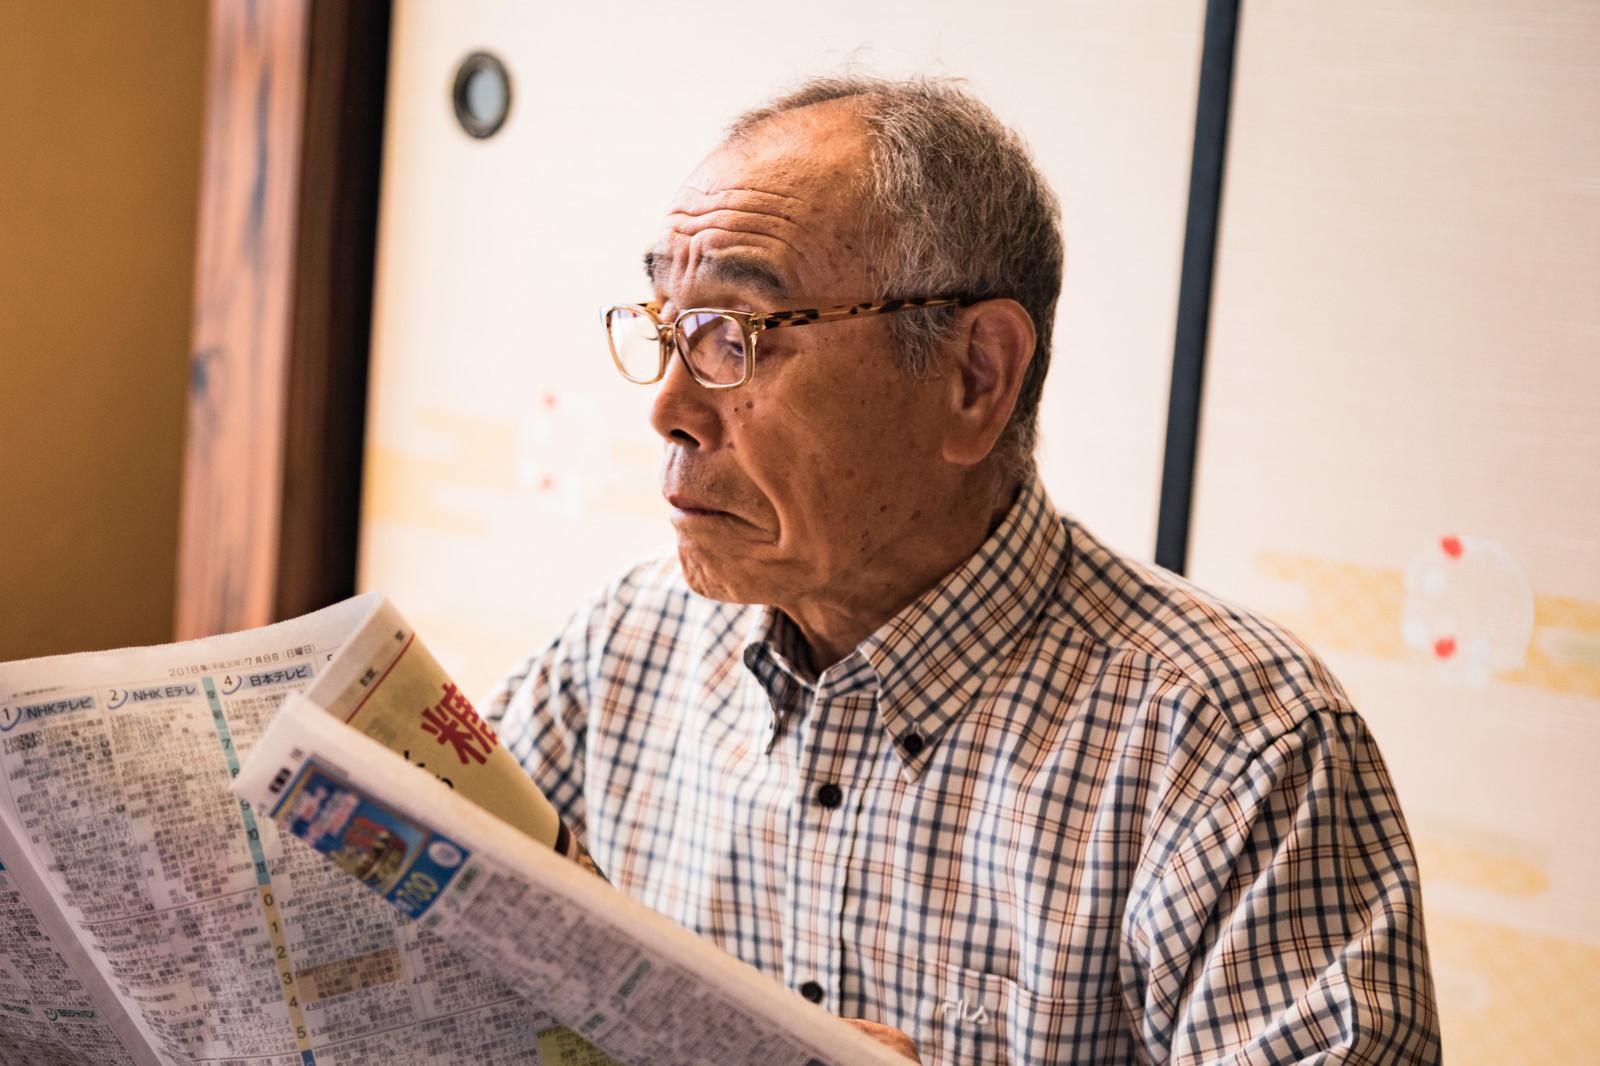 ▲▼ 報紙,老人。(圖/取自免費圖庫pakutaso)